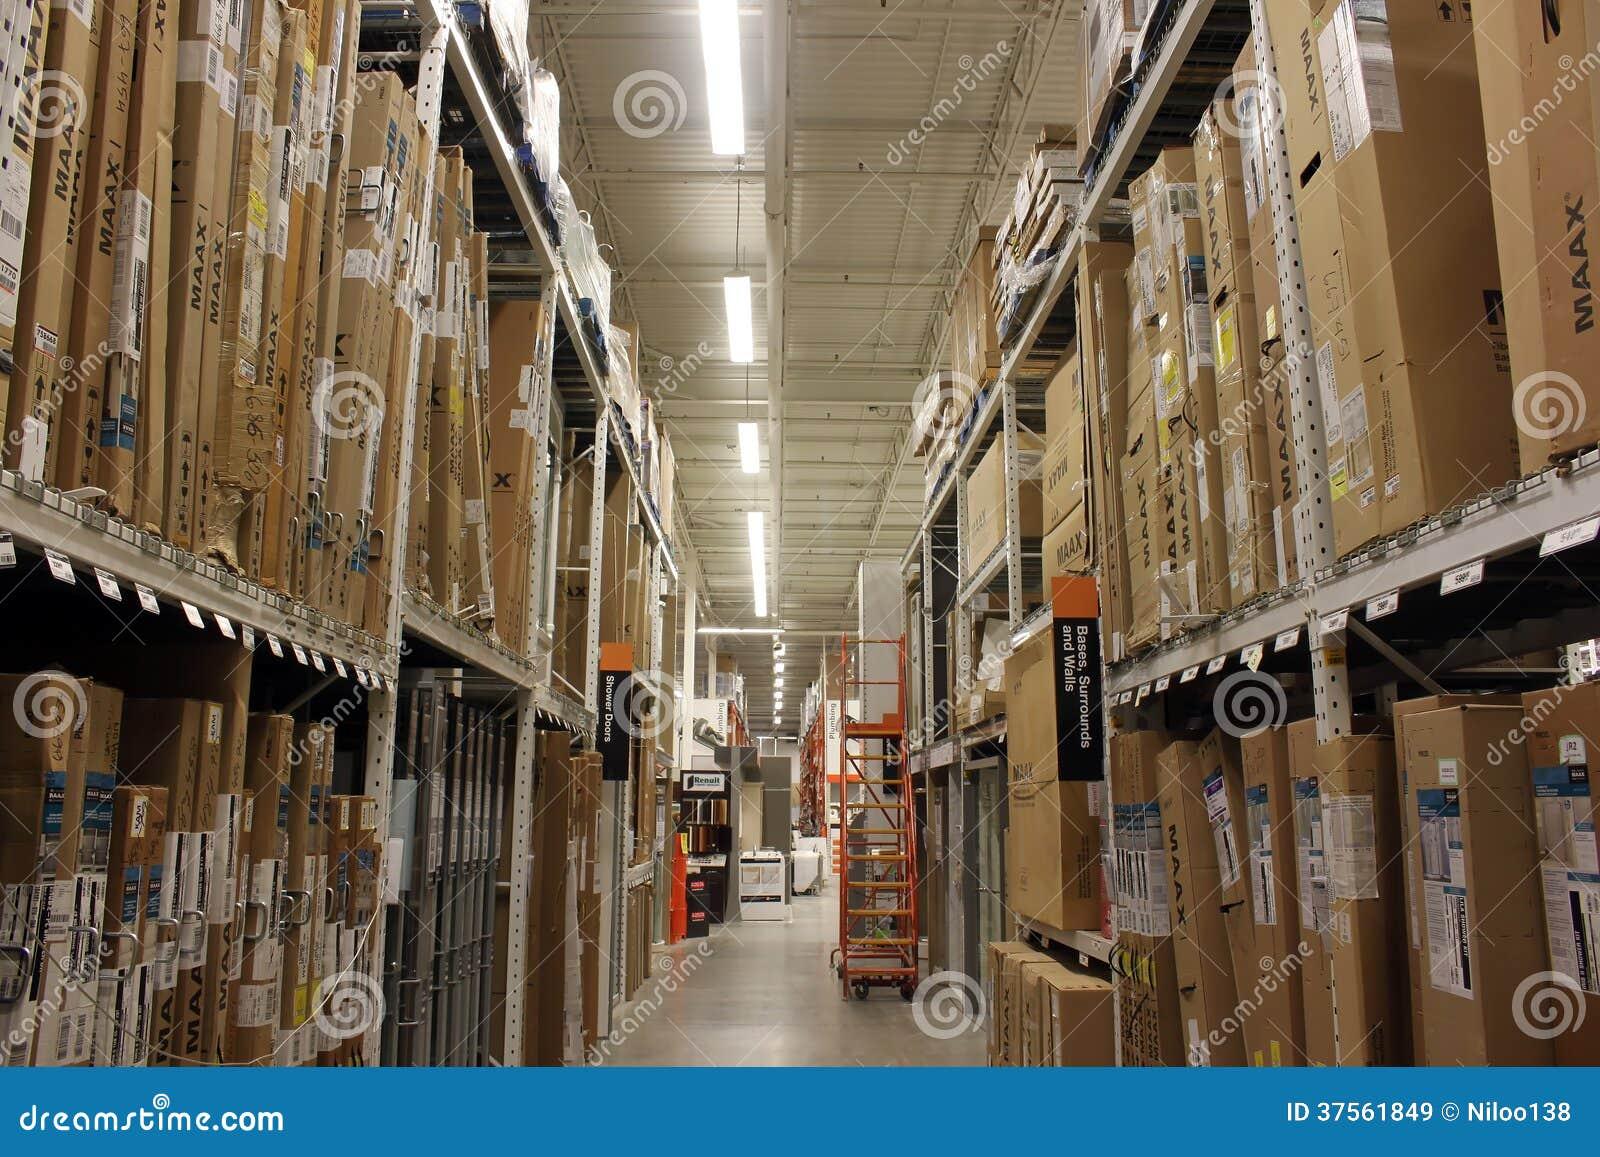 Home Depot speichern